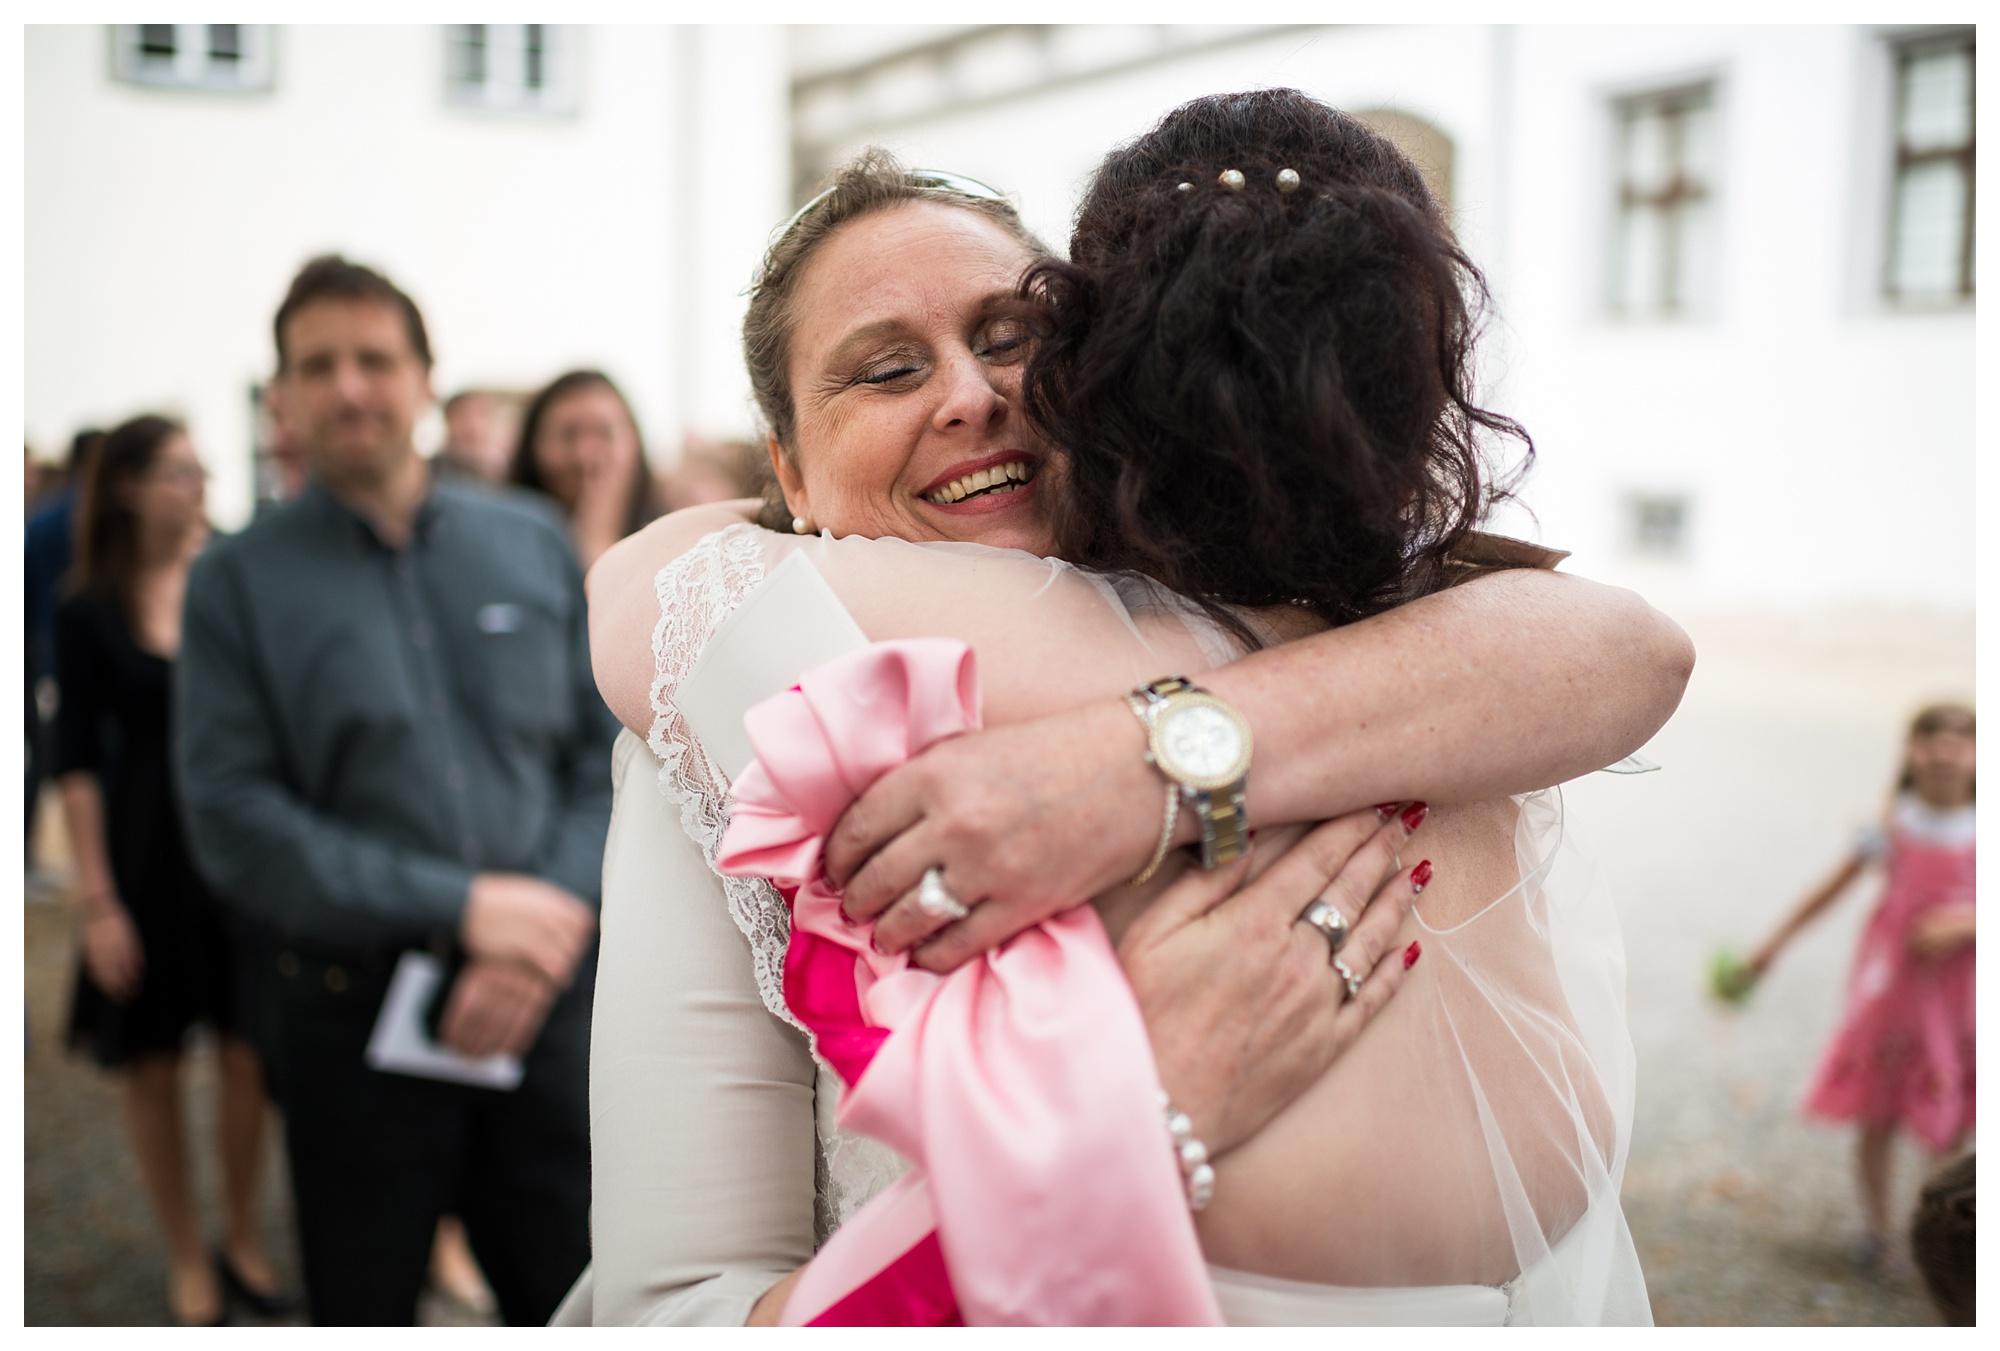 Fotograf Konstanz - Hochzeit Tanja Elmar Elmar Feuerbacher Photography Konstanz Messkirch Highlights 046 - Hochzeitsreportage von Tanja und Elmar im Schloss Meßkirch  - 45 -